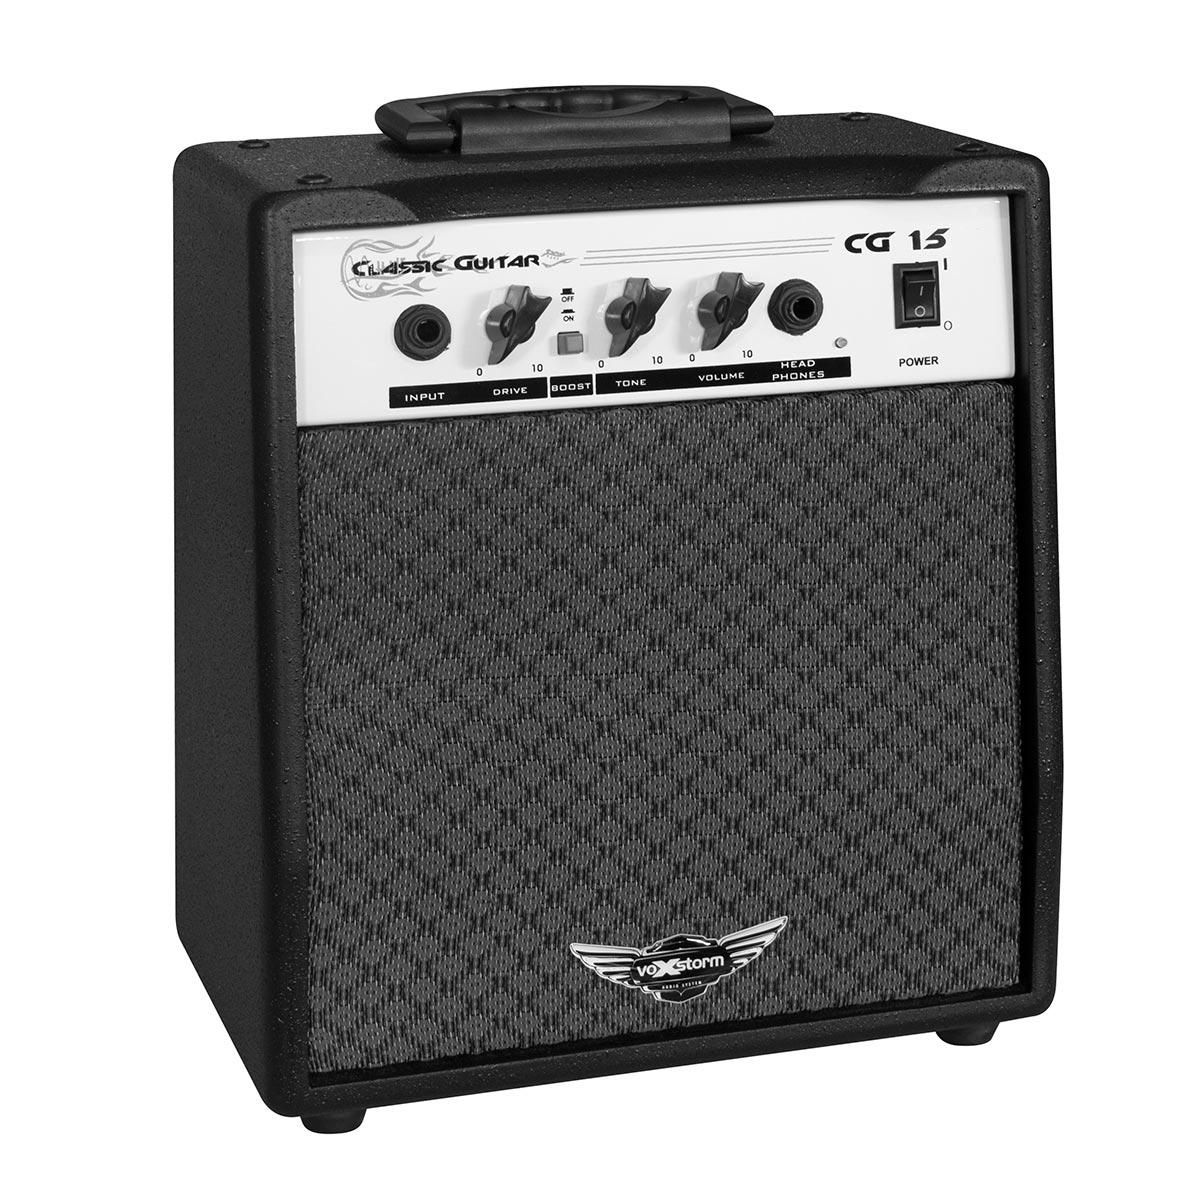 CG15 - Amplificador Combo p/ Guitarra 15W Classic Guitar CG 15 Preto - Voxstorm